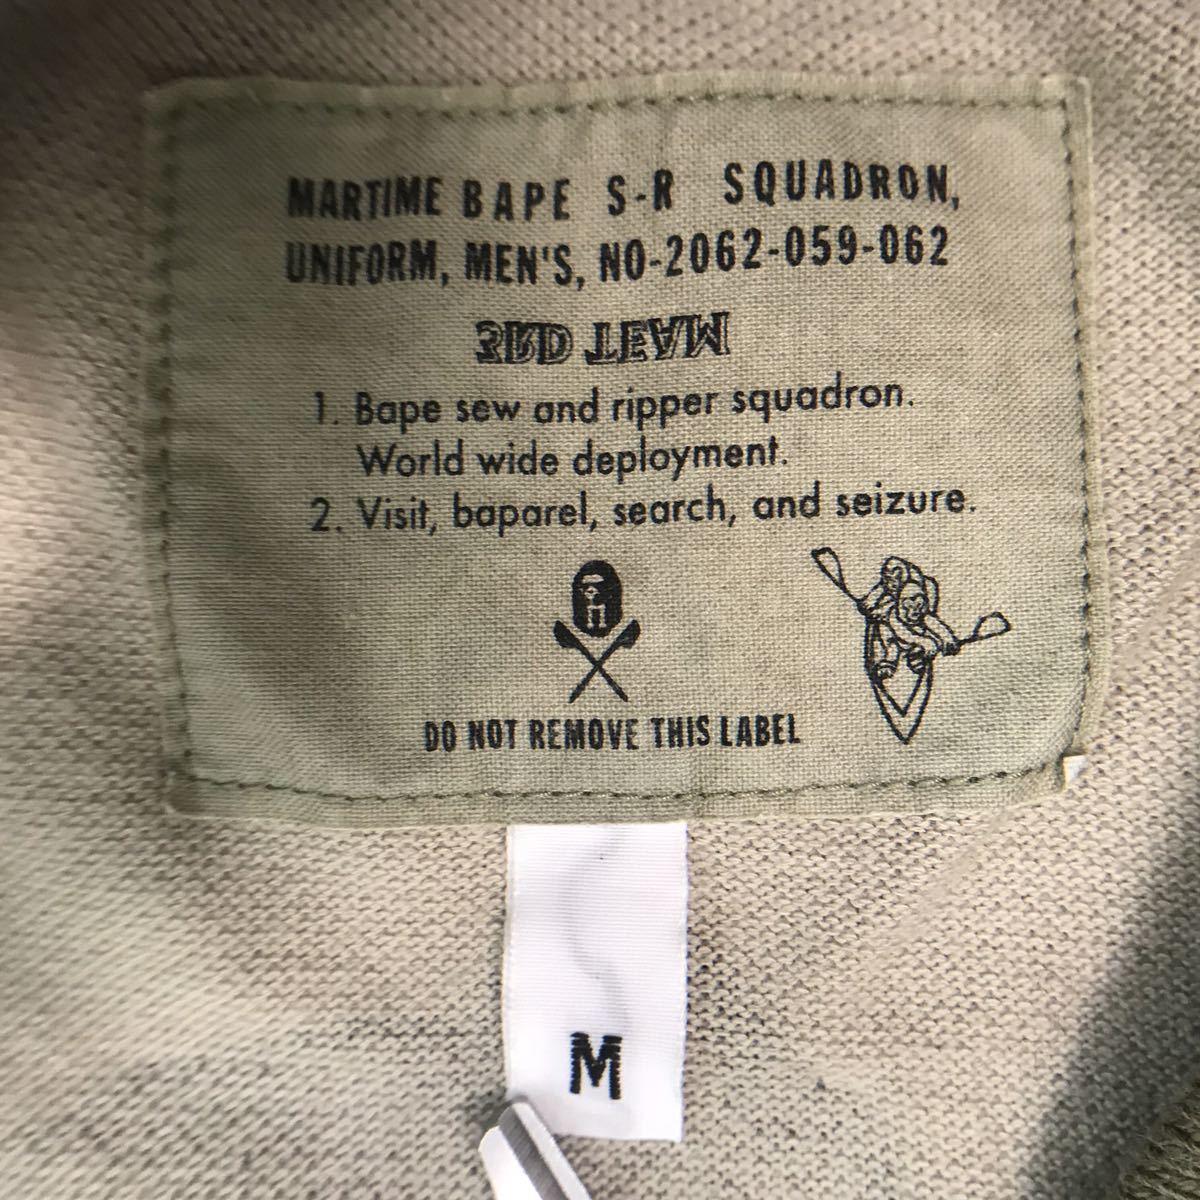 woodland camo ポロシャツ Mサイズ a bathing ape bape エイプ ベイプ アベイシングエイプ 迷彩 polo shirt ウッドランドカモ 1413